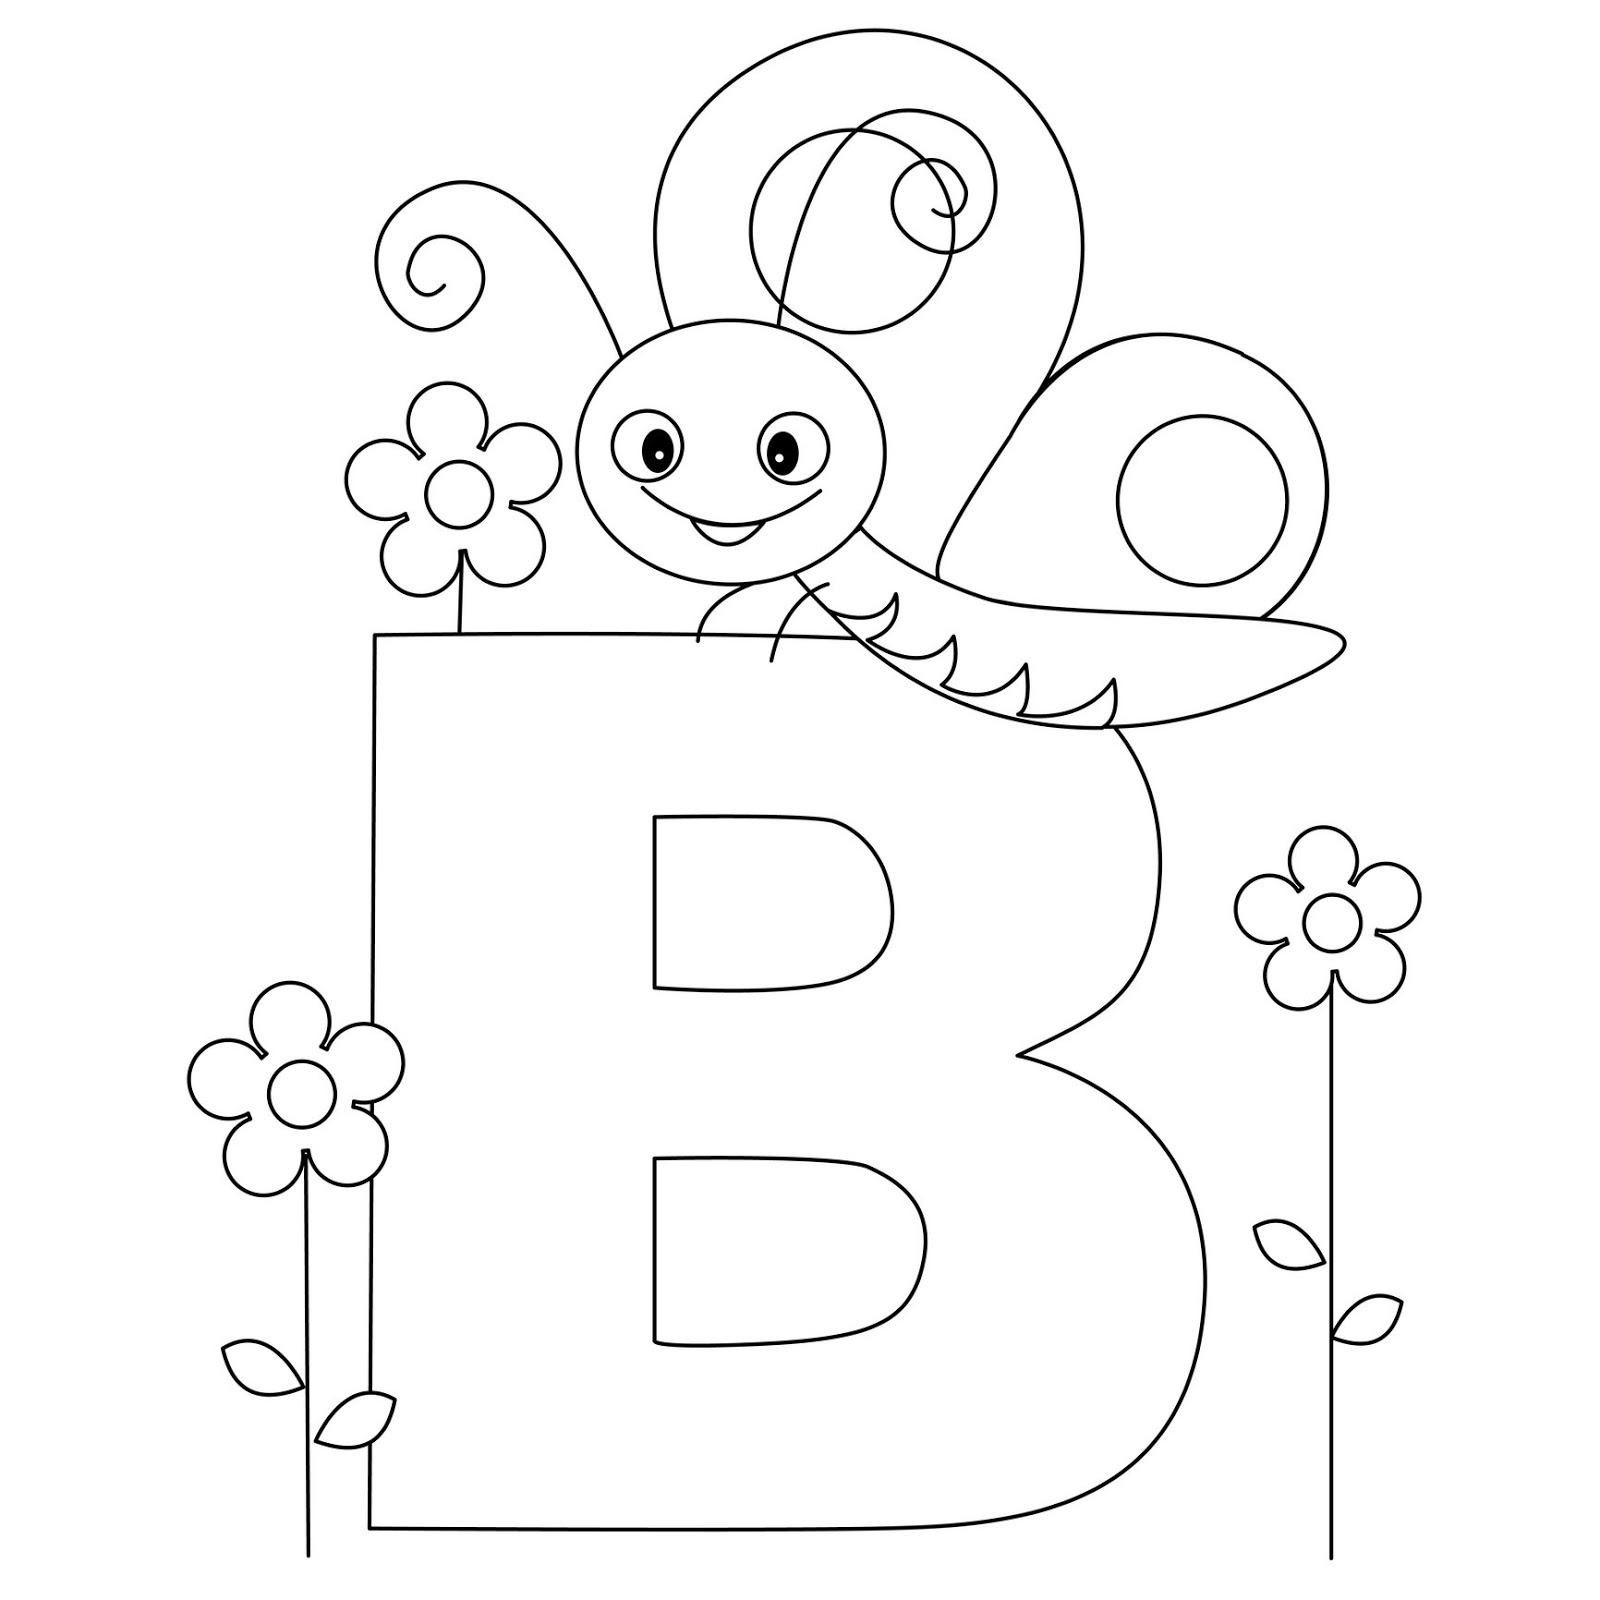 Excellent Alphabet Coloring Pages